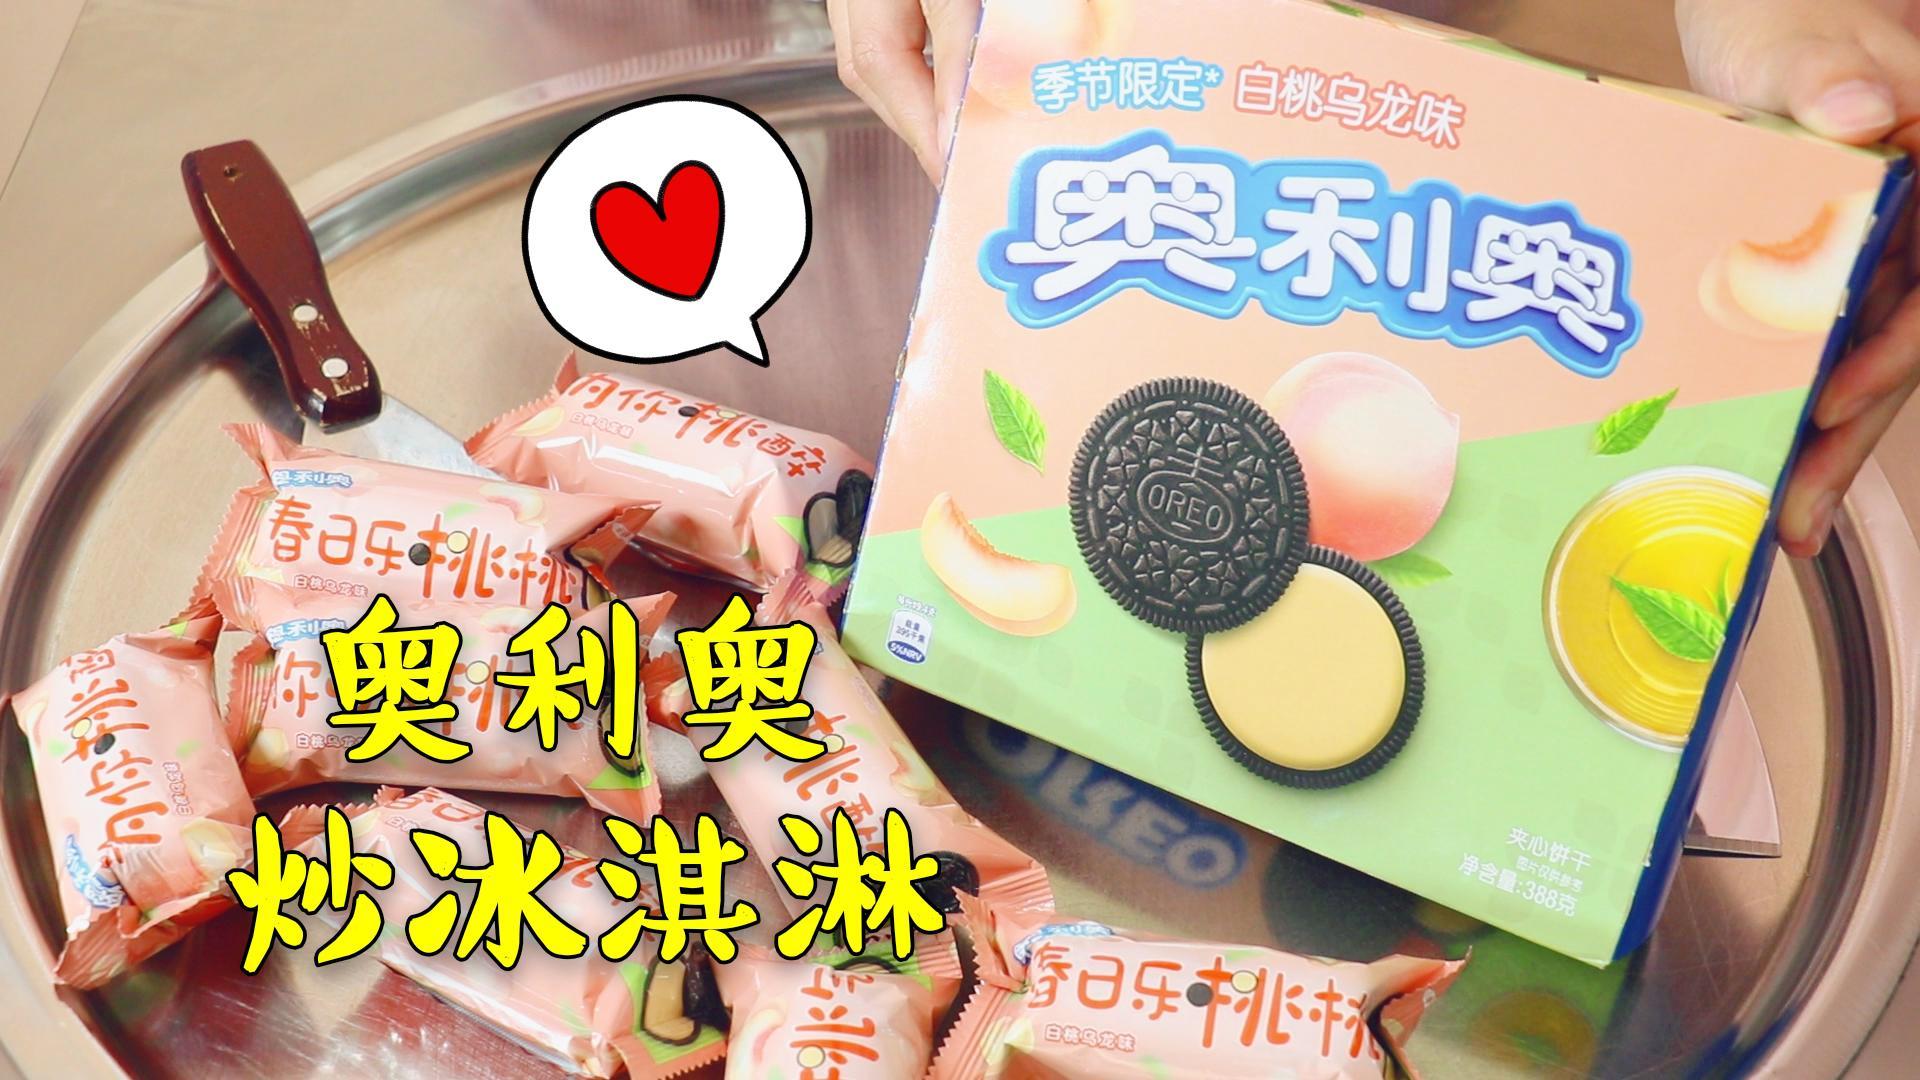 神奇又好玩!奥利奥饼干淋上酸奶狂剁!做成炒冰淇淋会是什么味